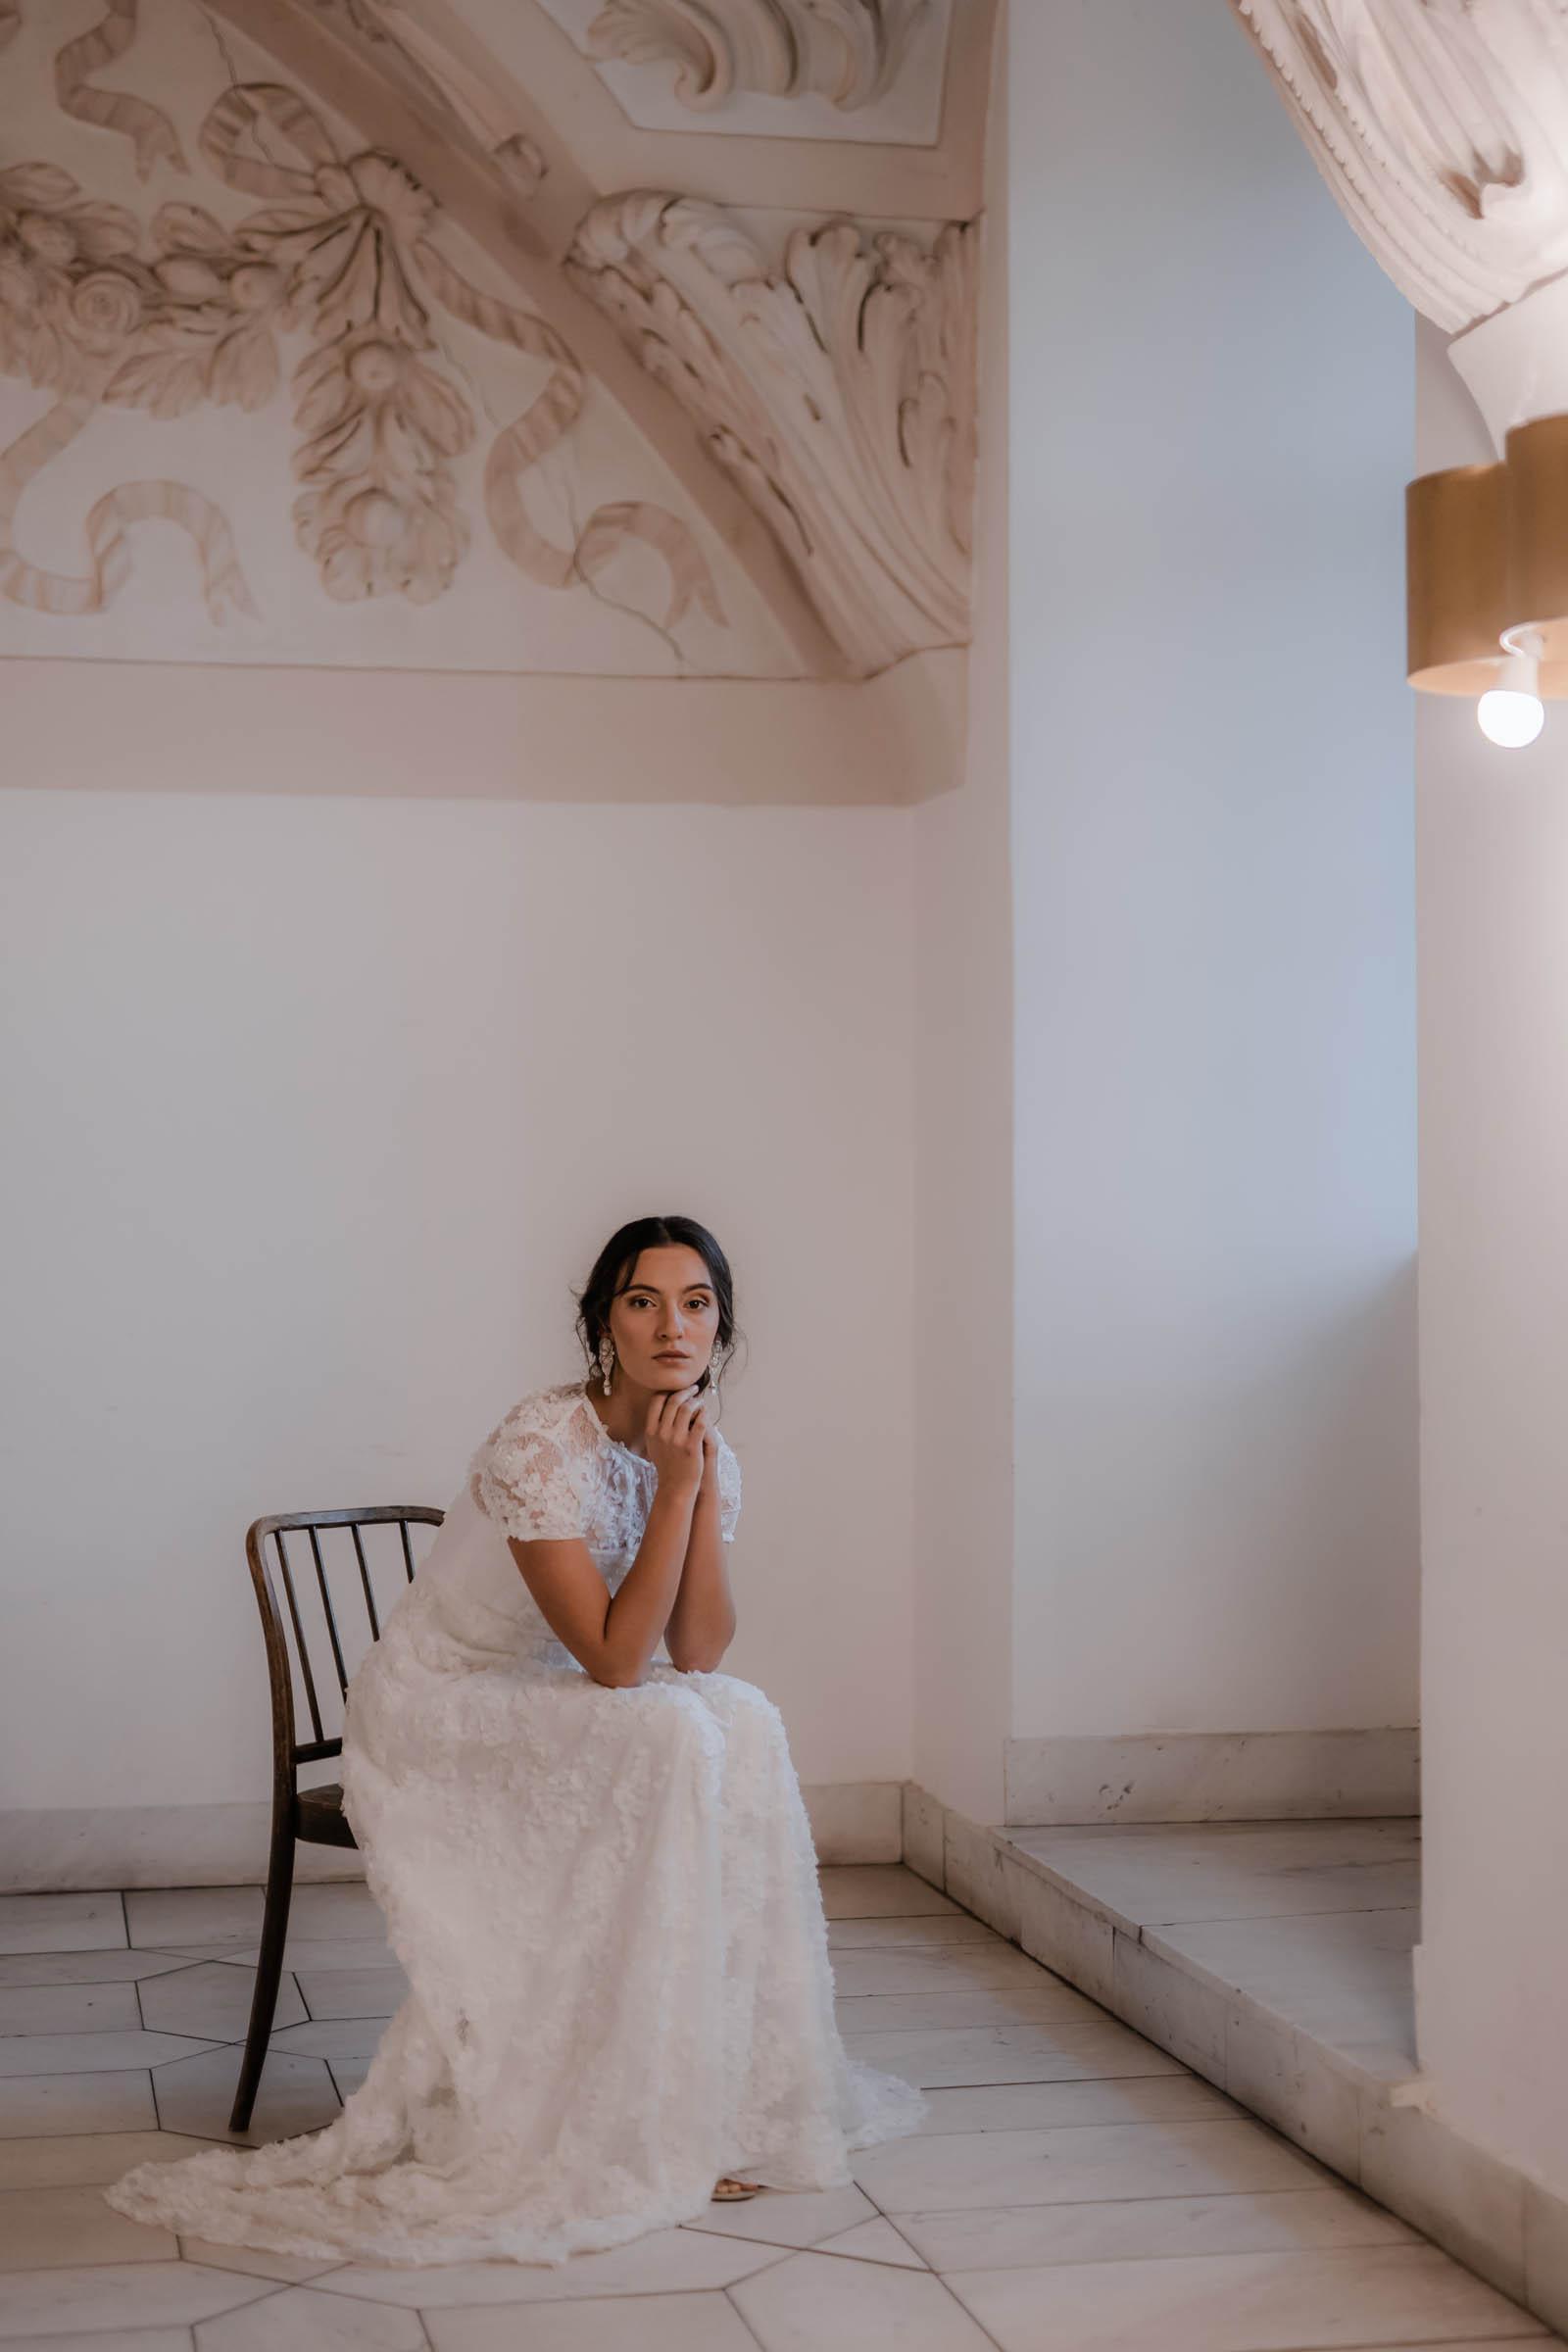 boho-svadobne-saty-veronika-kostkova-wedding-atelier-2019-rosa-2